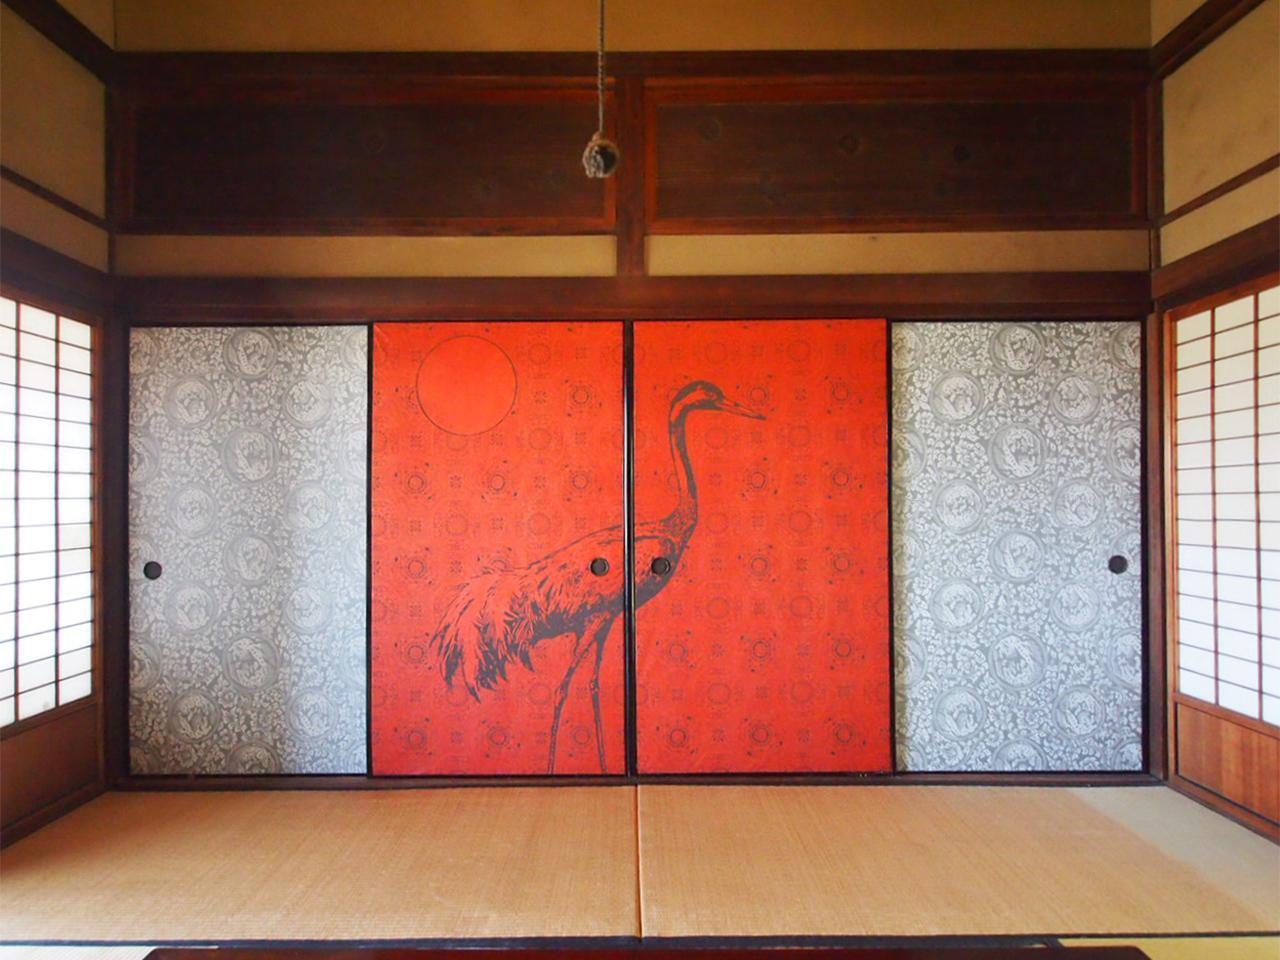 朱色地に鶴と月が描かれた襖 欄間には刀の鍔が。